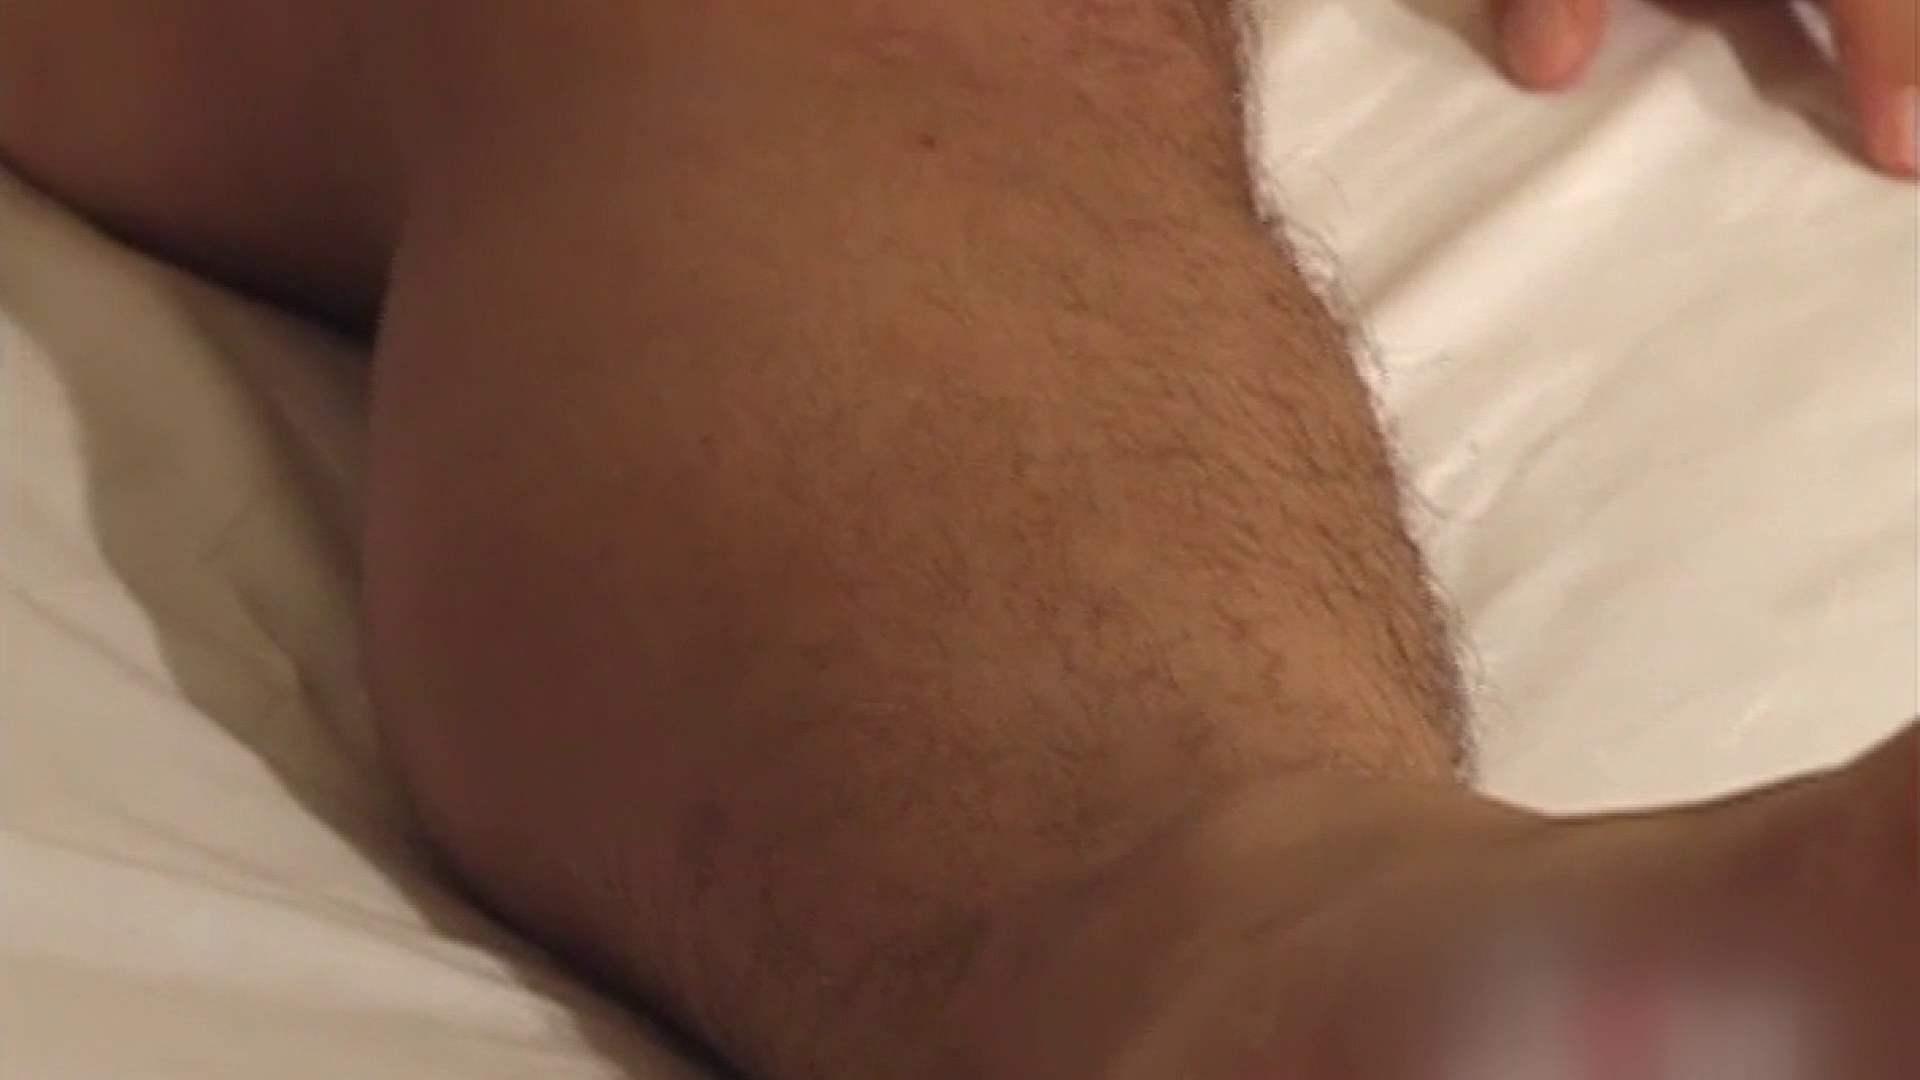 筋肉バカのおてぃんてぃんはほとんどゲイだからぁ…vol.6 ノンケのオナニー ゲイ丸見え画像 107連発 15